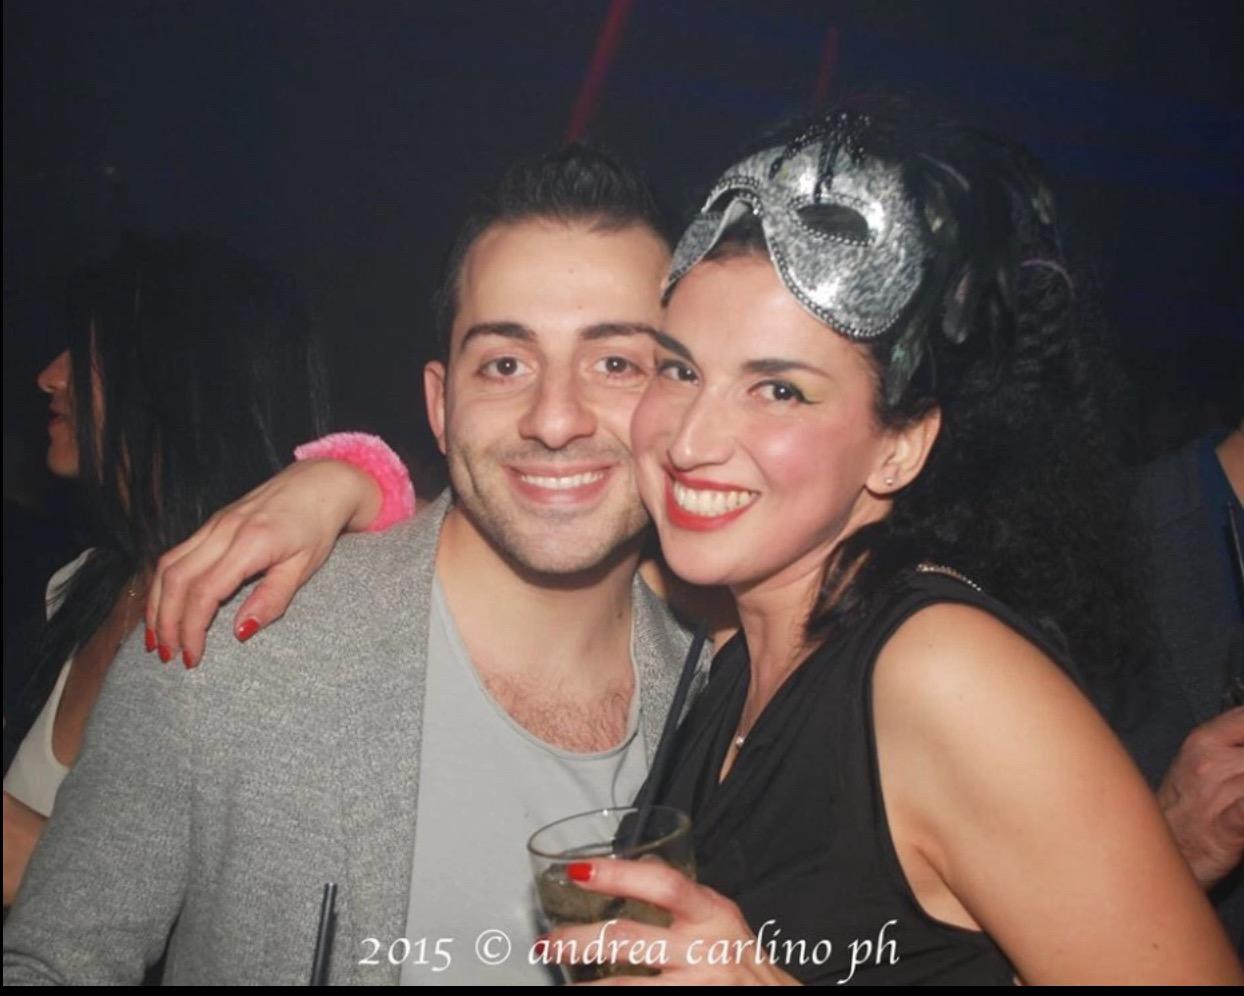 Made in sud TV rai2 grande fratello burlesque tale e quale show Vincitore 2015 Francesco Cicchella tale e quale show Claudia Letizia spettacolo